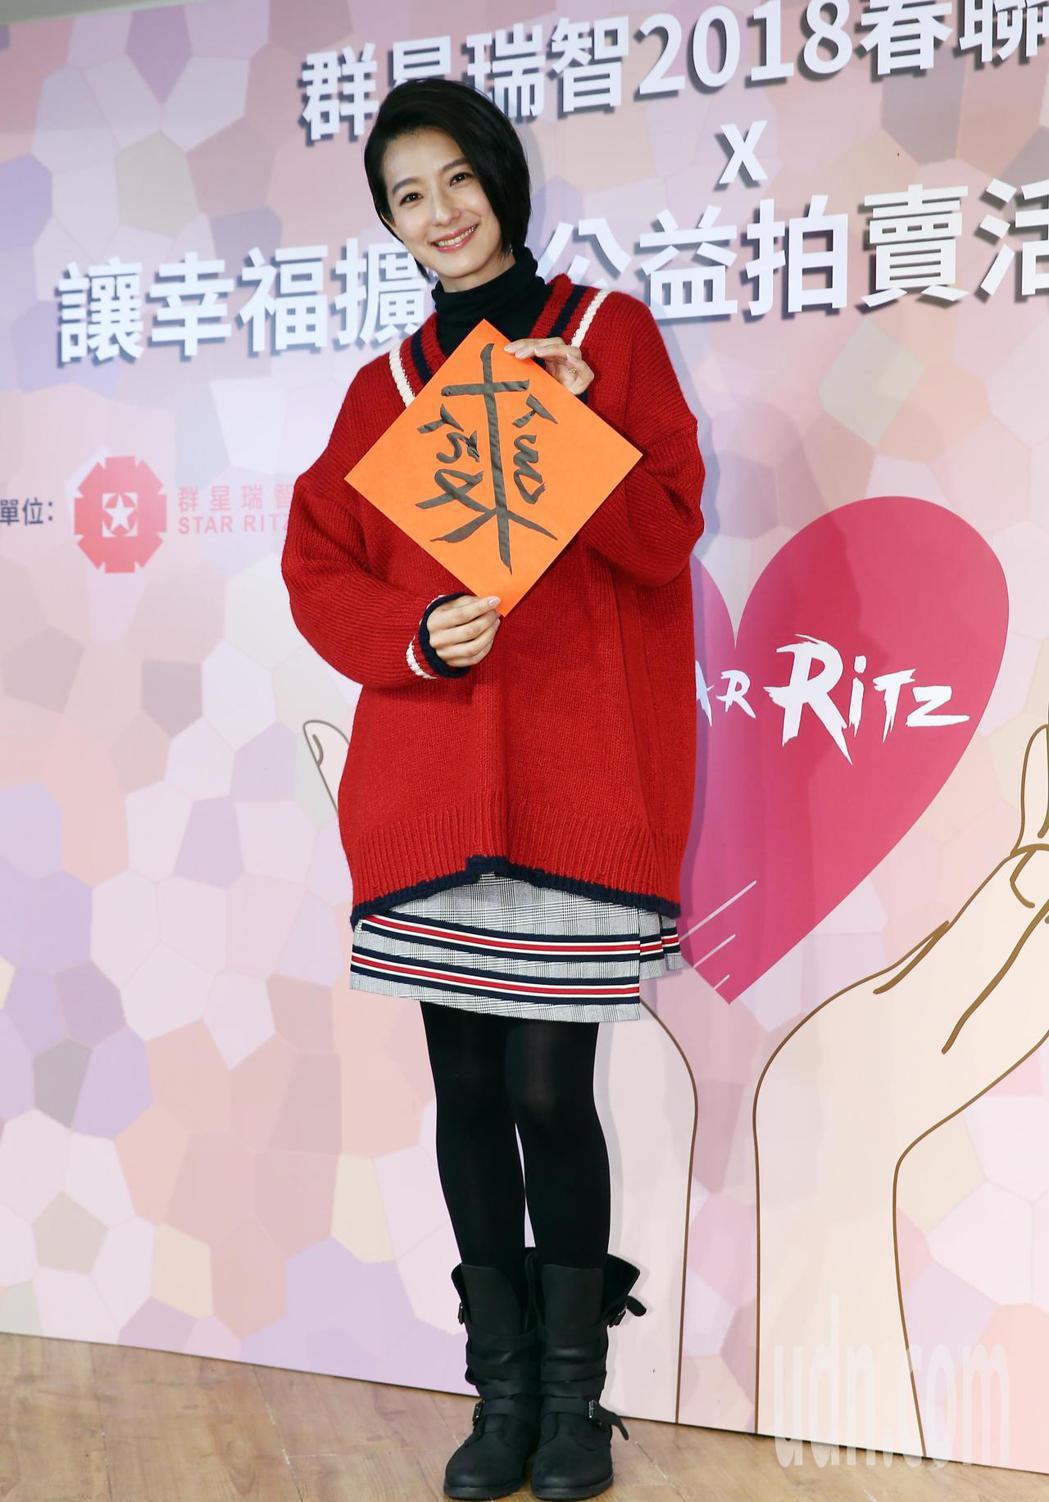 賴雅妍寫下獨家發明的自創字,這個字是一個「來」加一個「發」字而成,賴雅妍表示,因...